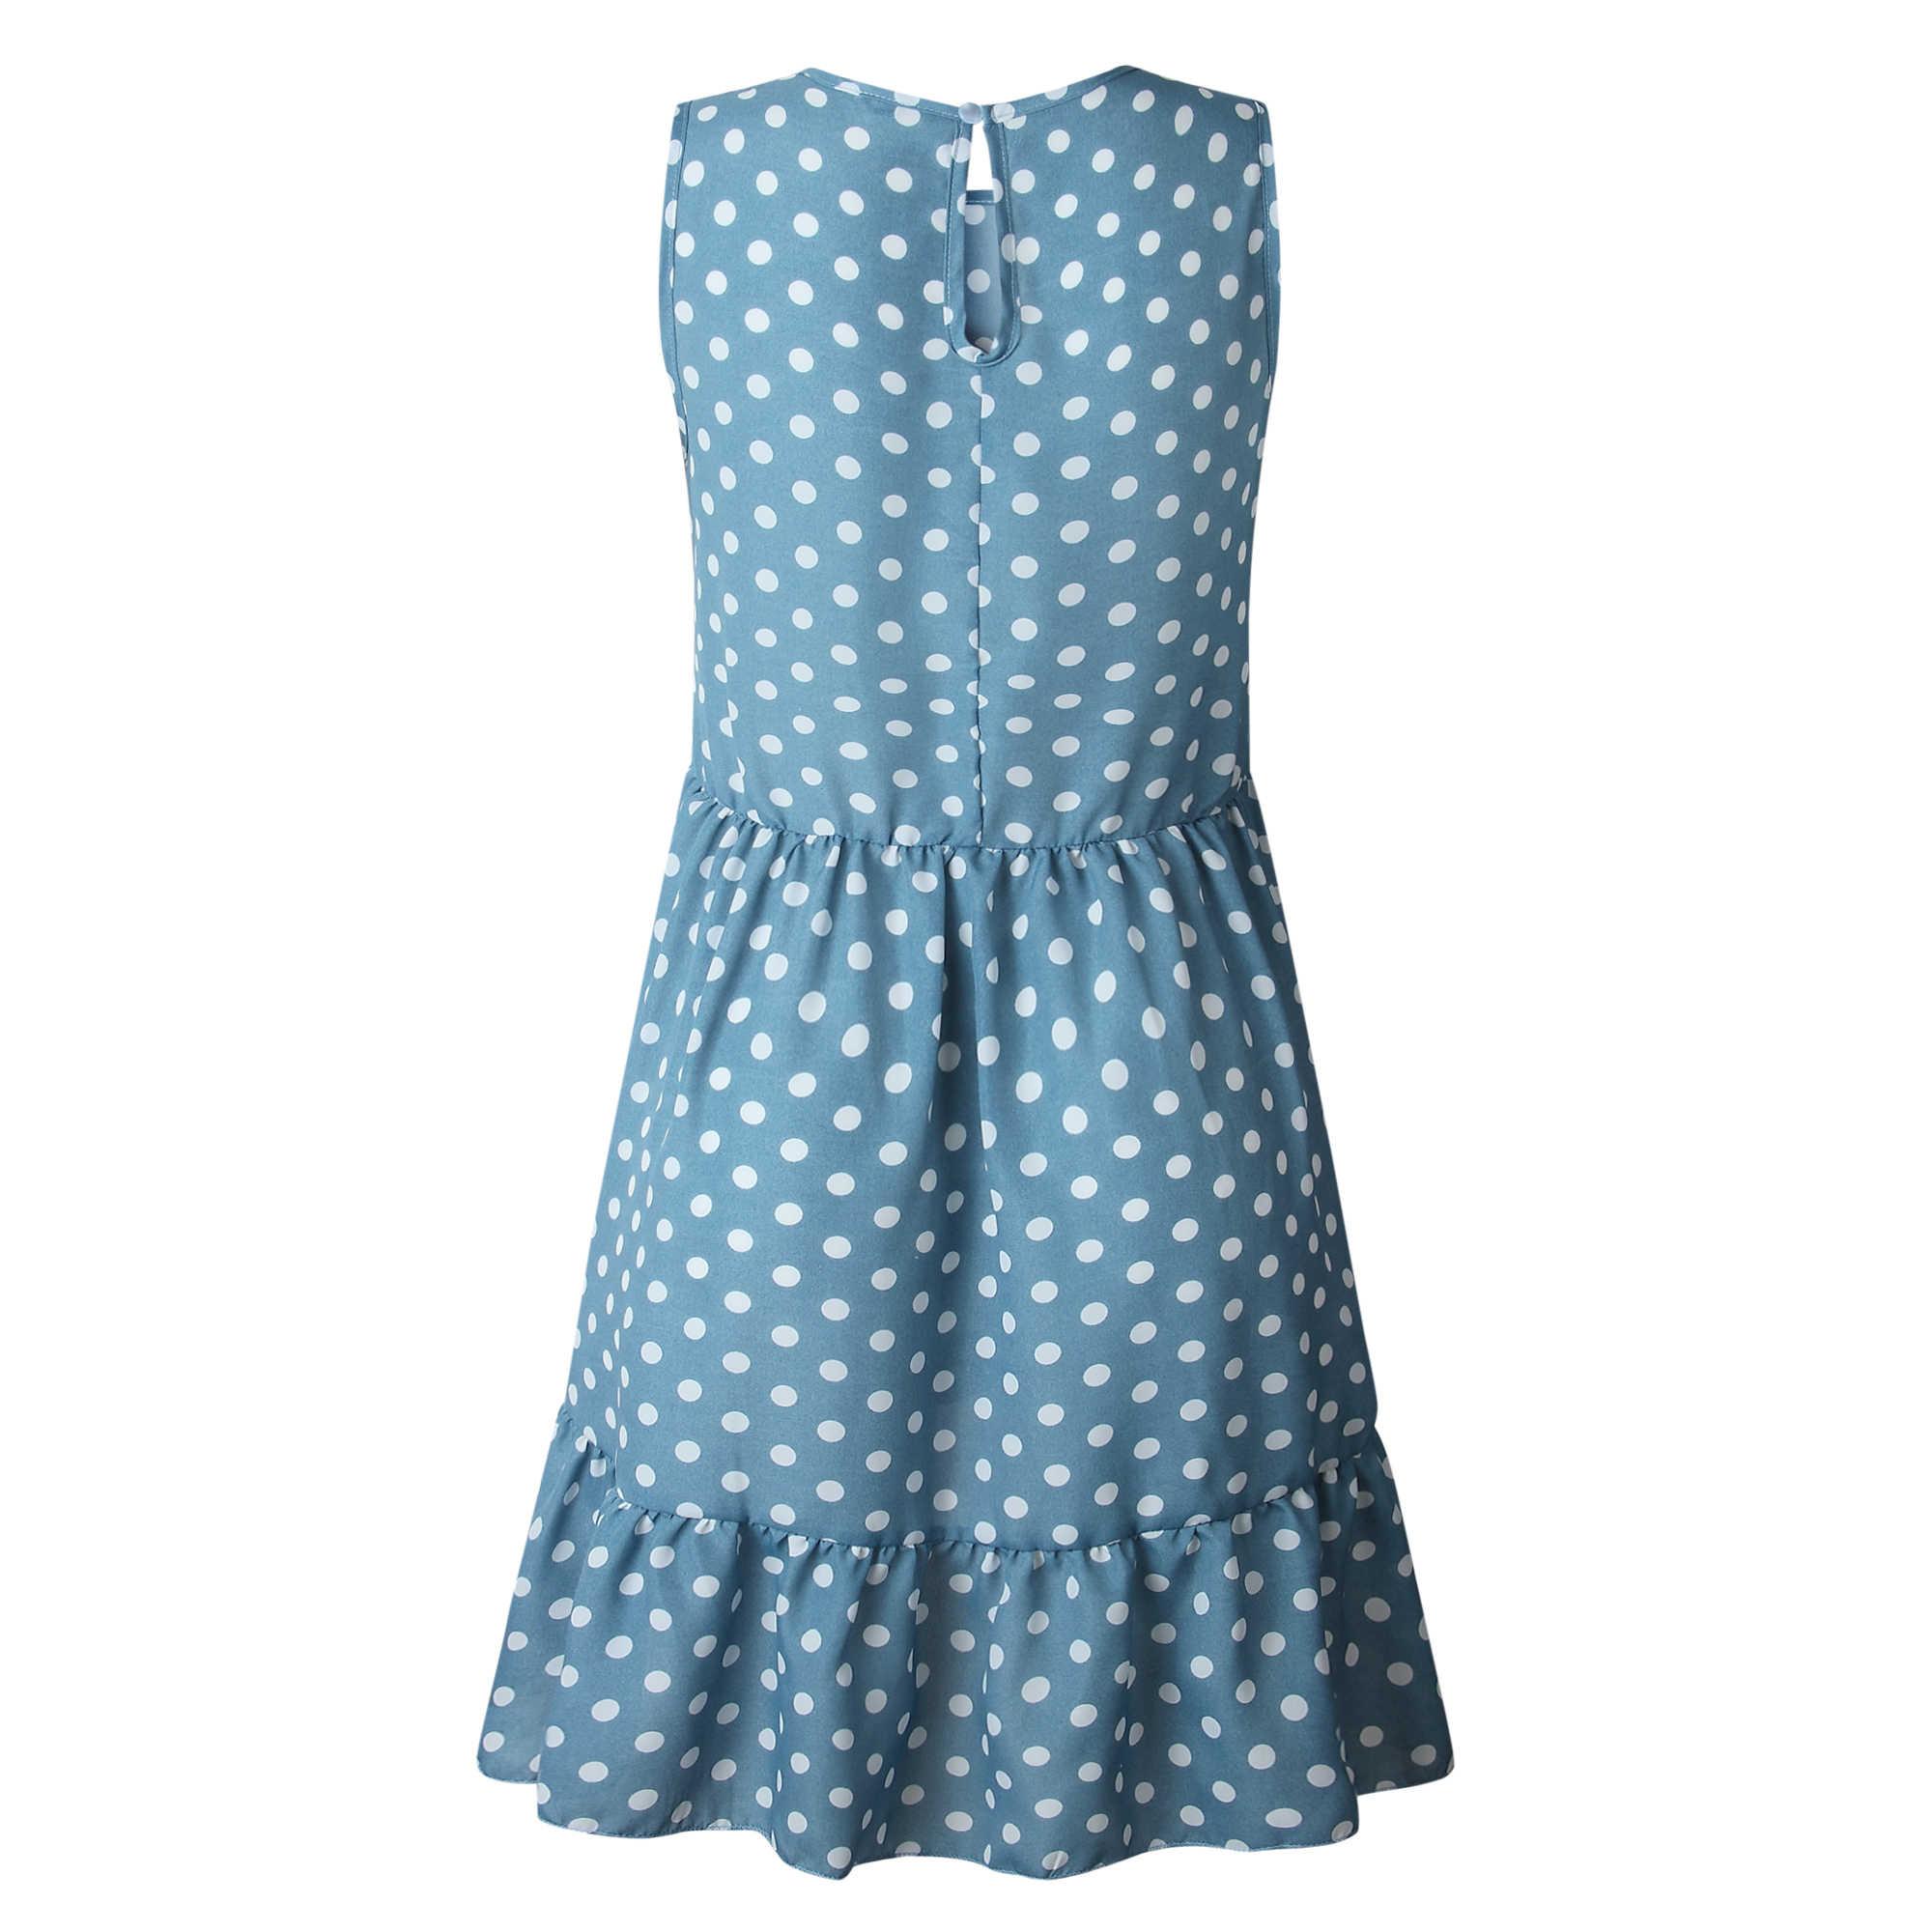 Горошек платье женщин plus size dress party dress платье лето размер ну вечеринку летние платья уличная одежда Сексуальный клуб Robe Femme Casual beach dress женское платье в горошек